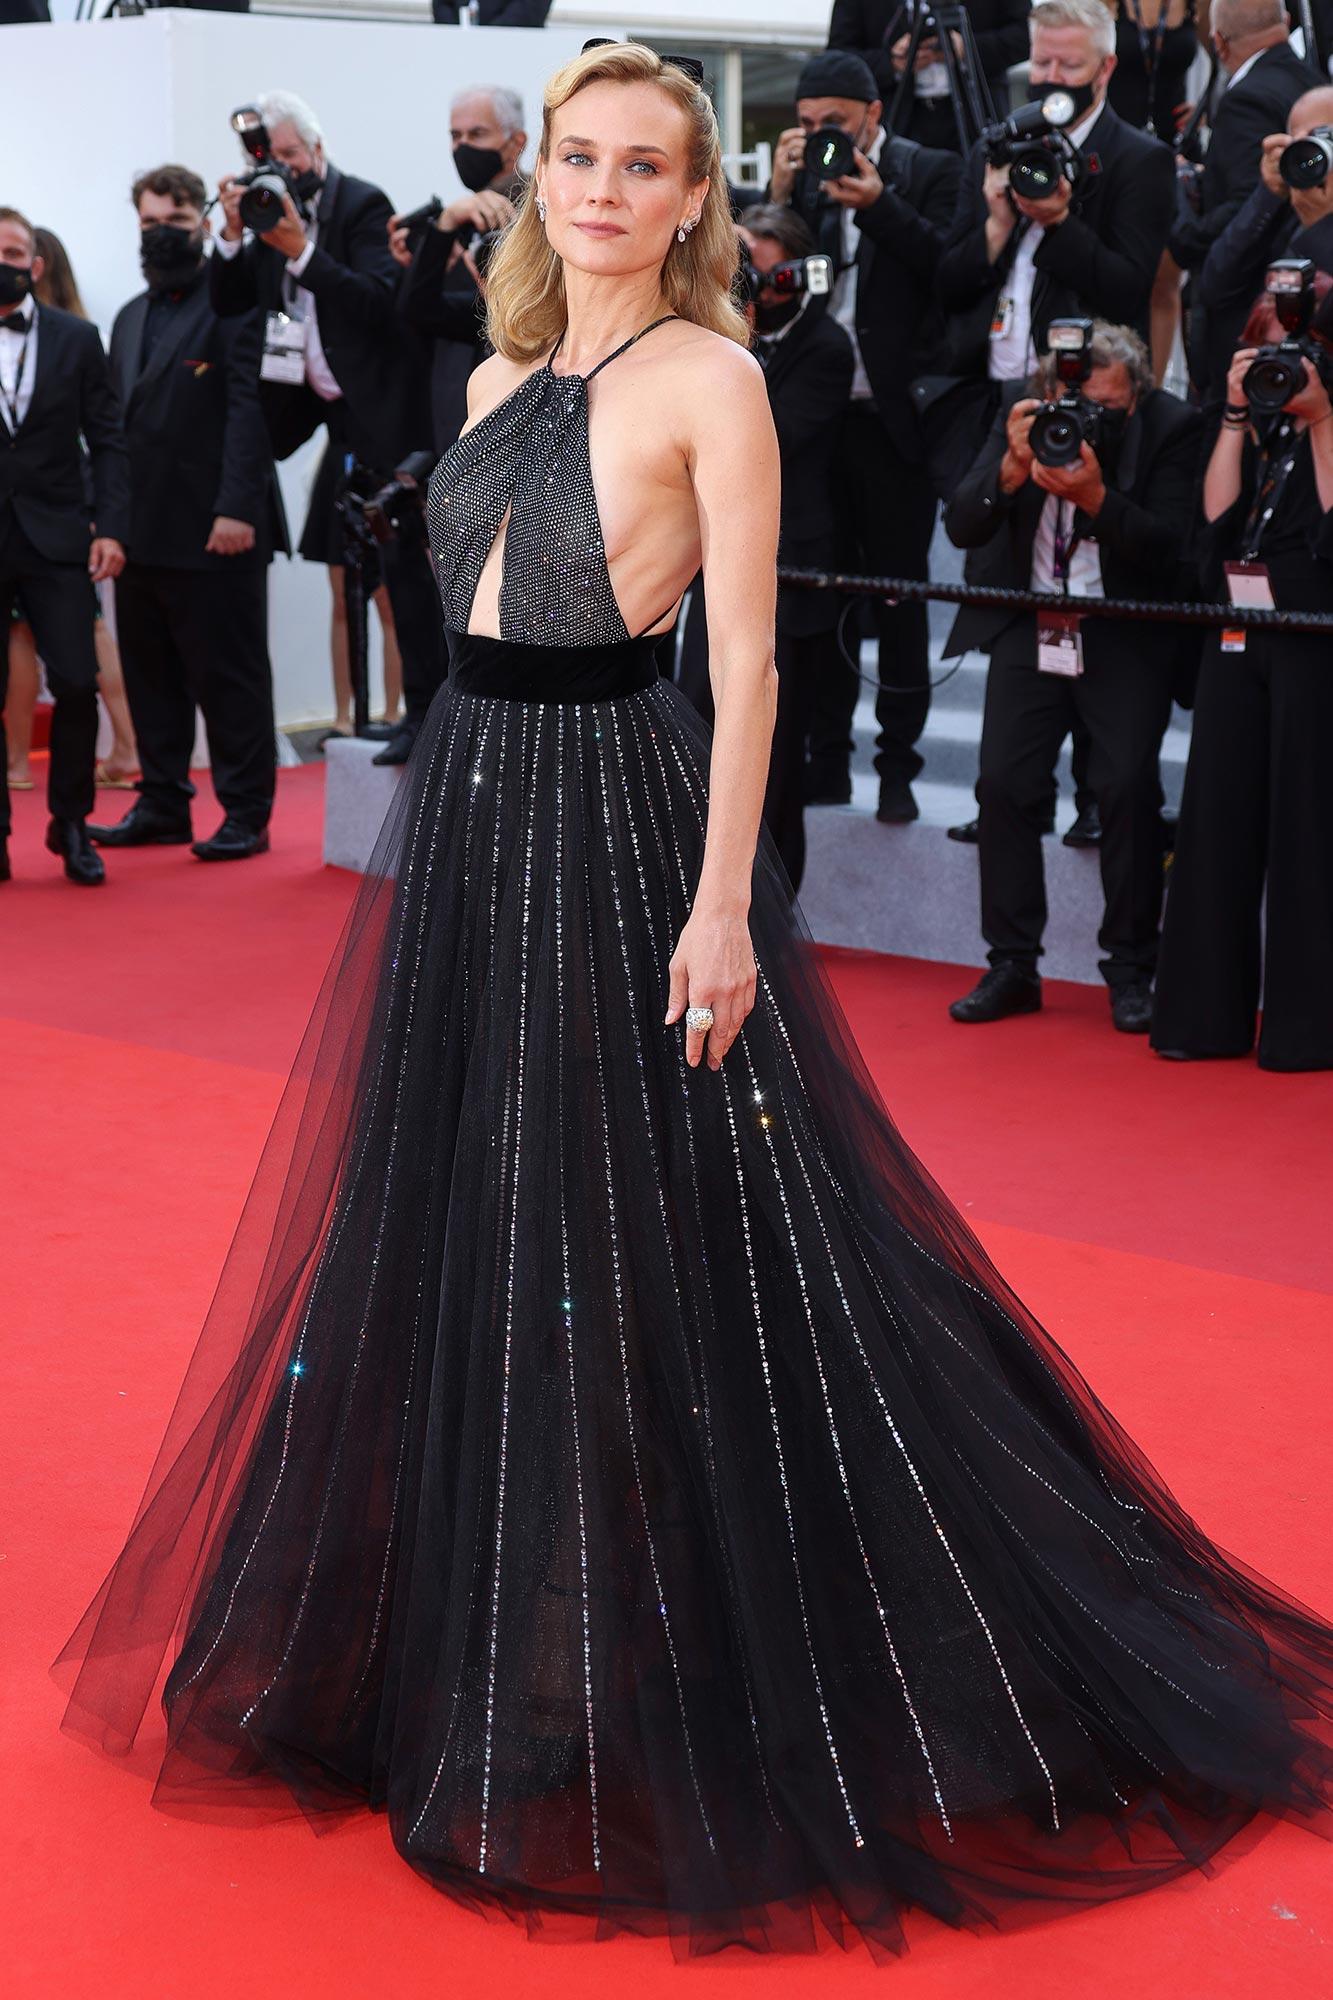 2021 Cannes Film Festival - Diane Kruger